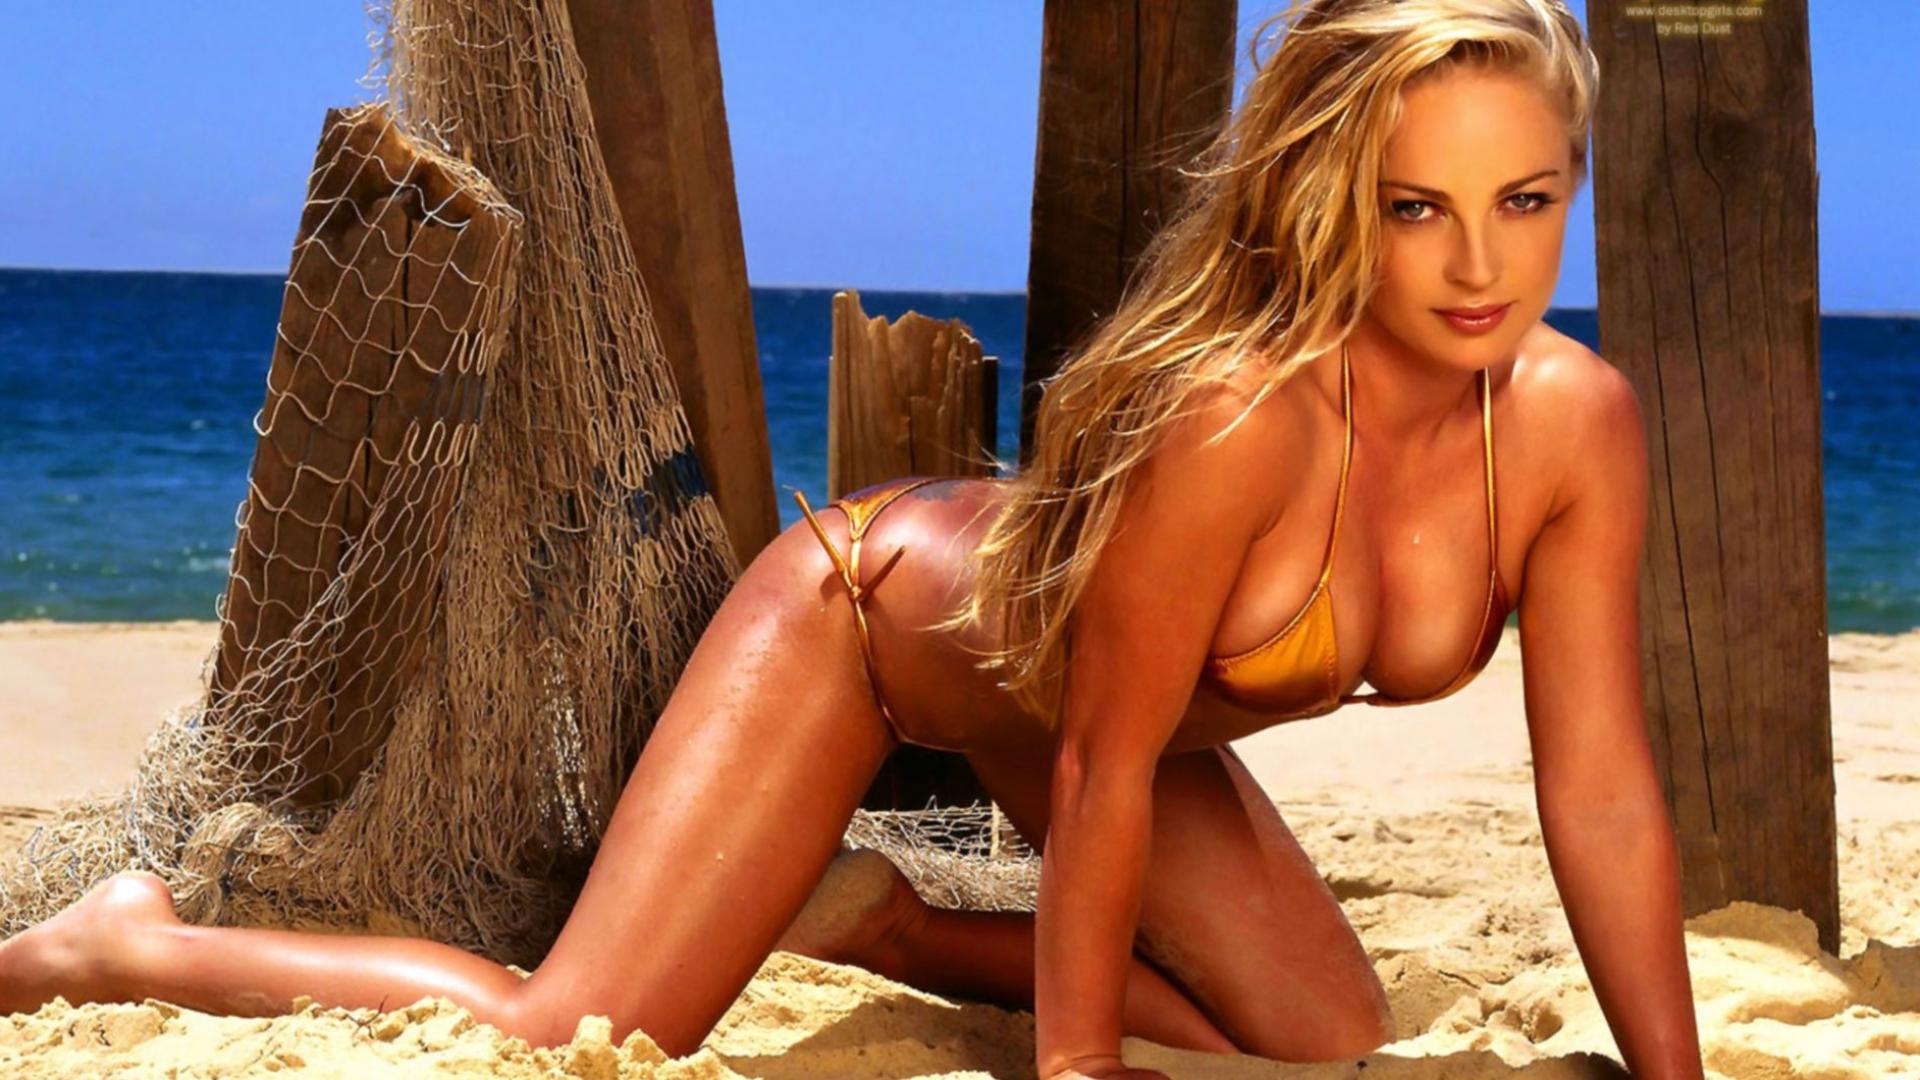 Фото моделей на пляже 3 фотография